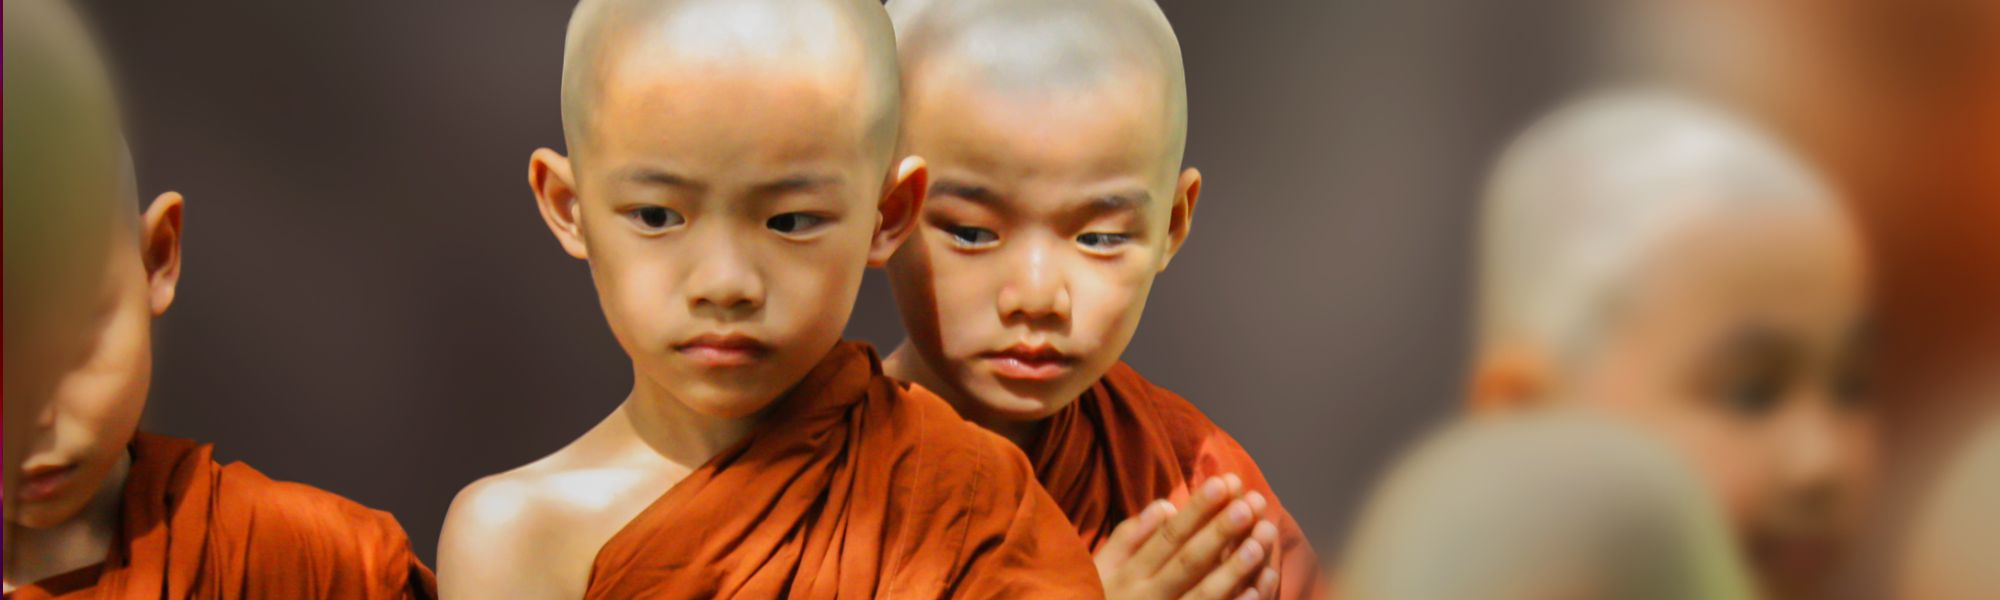 Meditação na Infância Brincar ou Meditar?